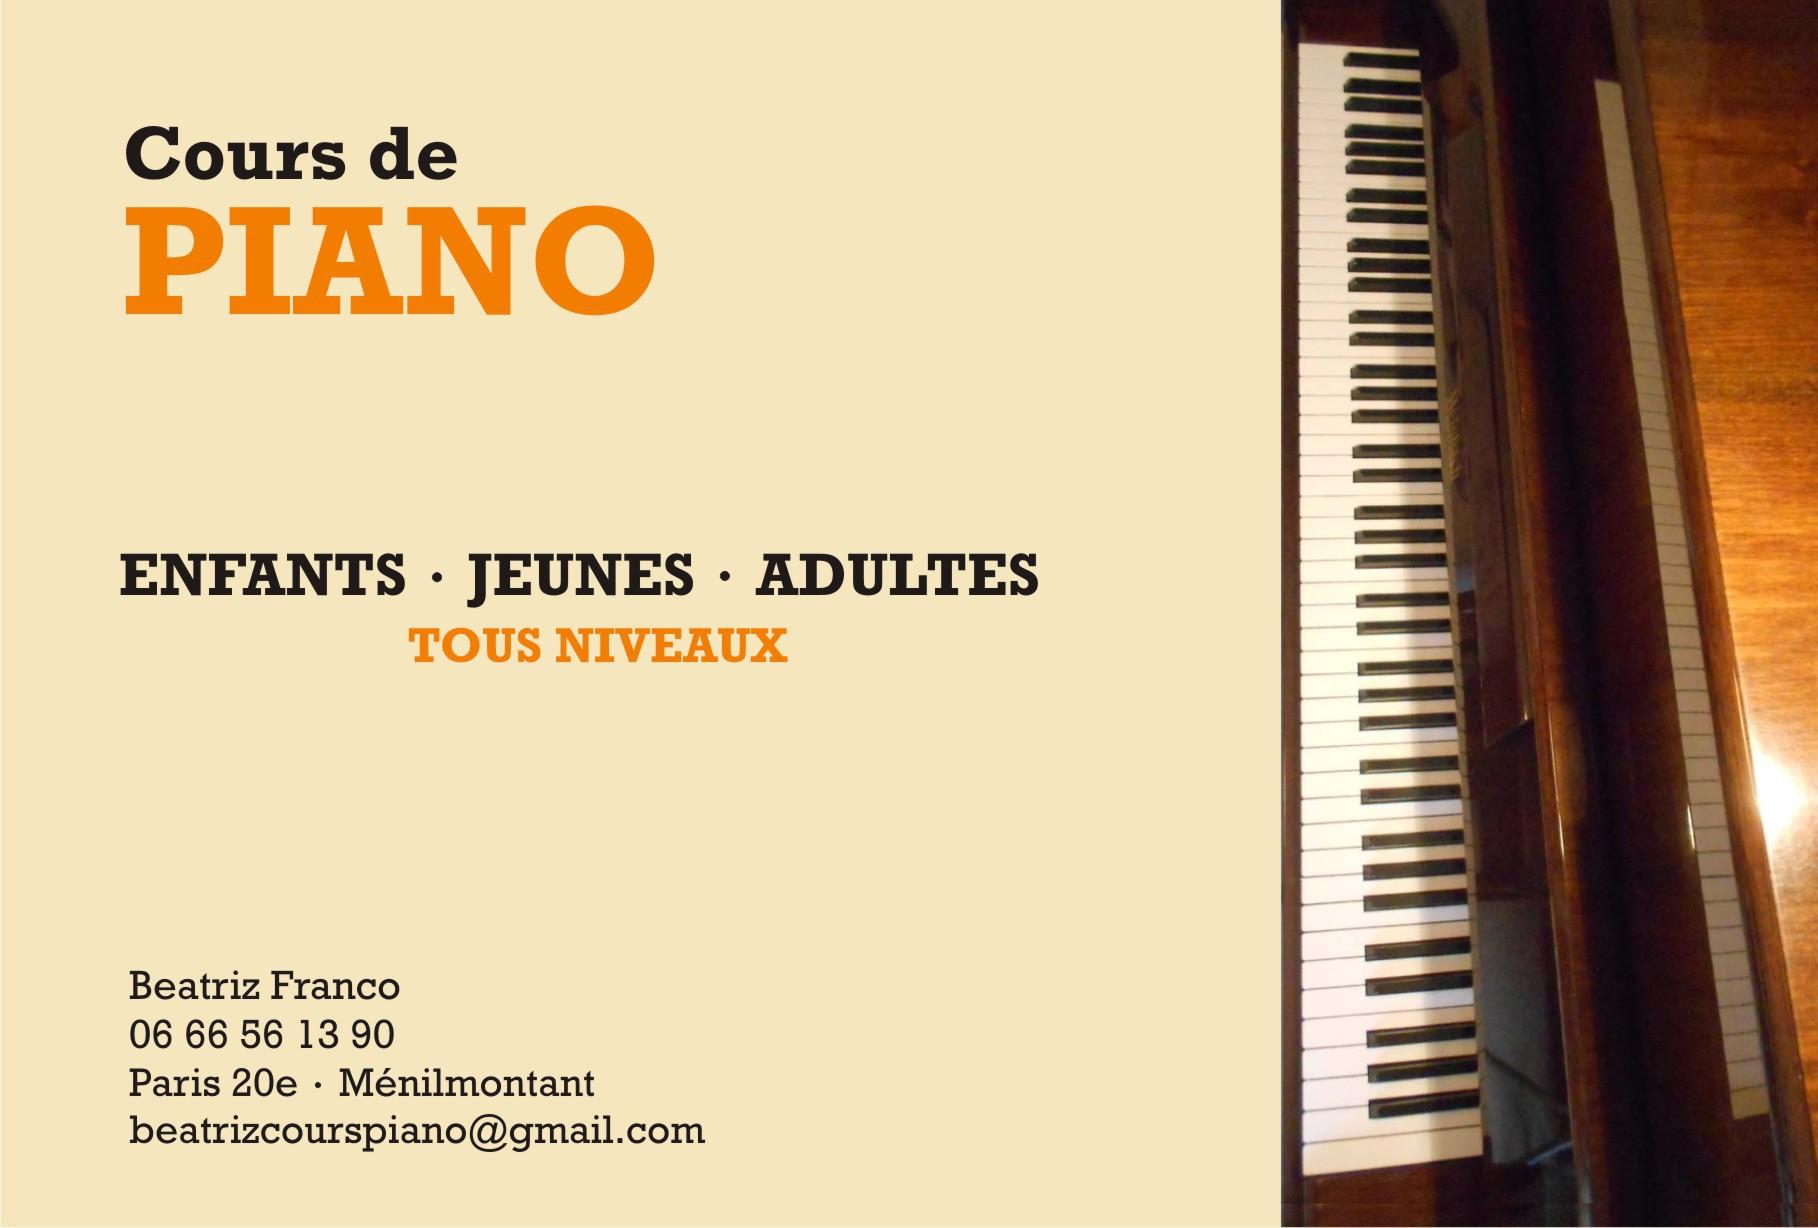 Cours de piano paris paris 20 75020 - Cours de piano montpellier ...